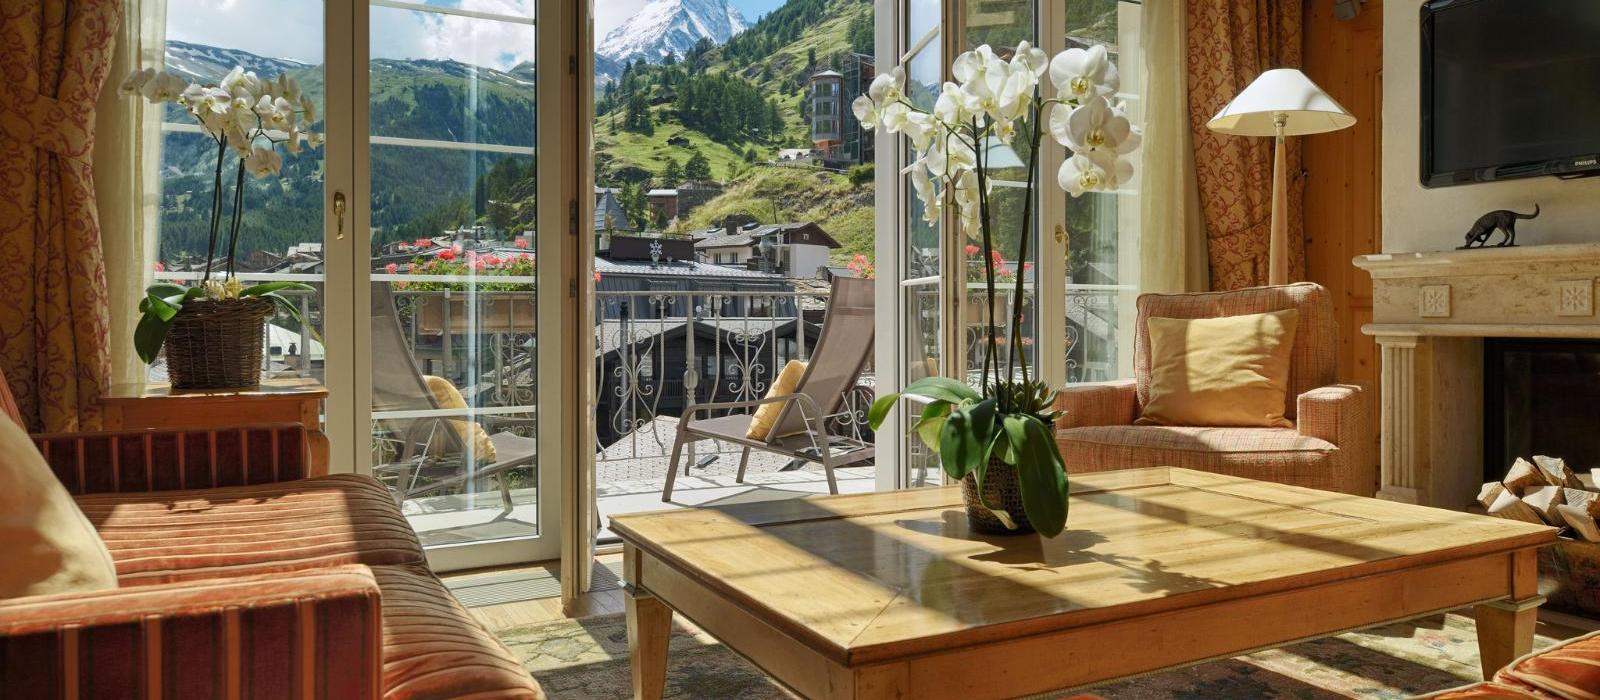 马特峰皇轩酒店(Mont Cervin Palace) 阿尔卑斯山复式套房图片  www.lhw.cn